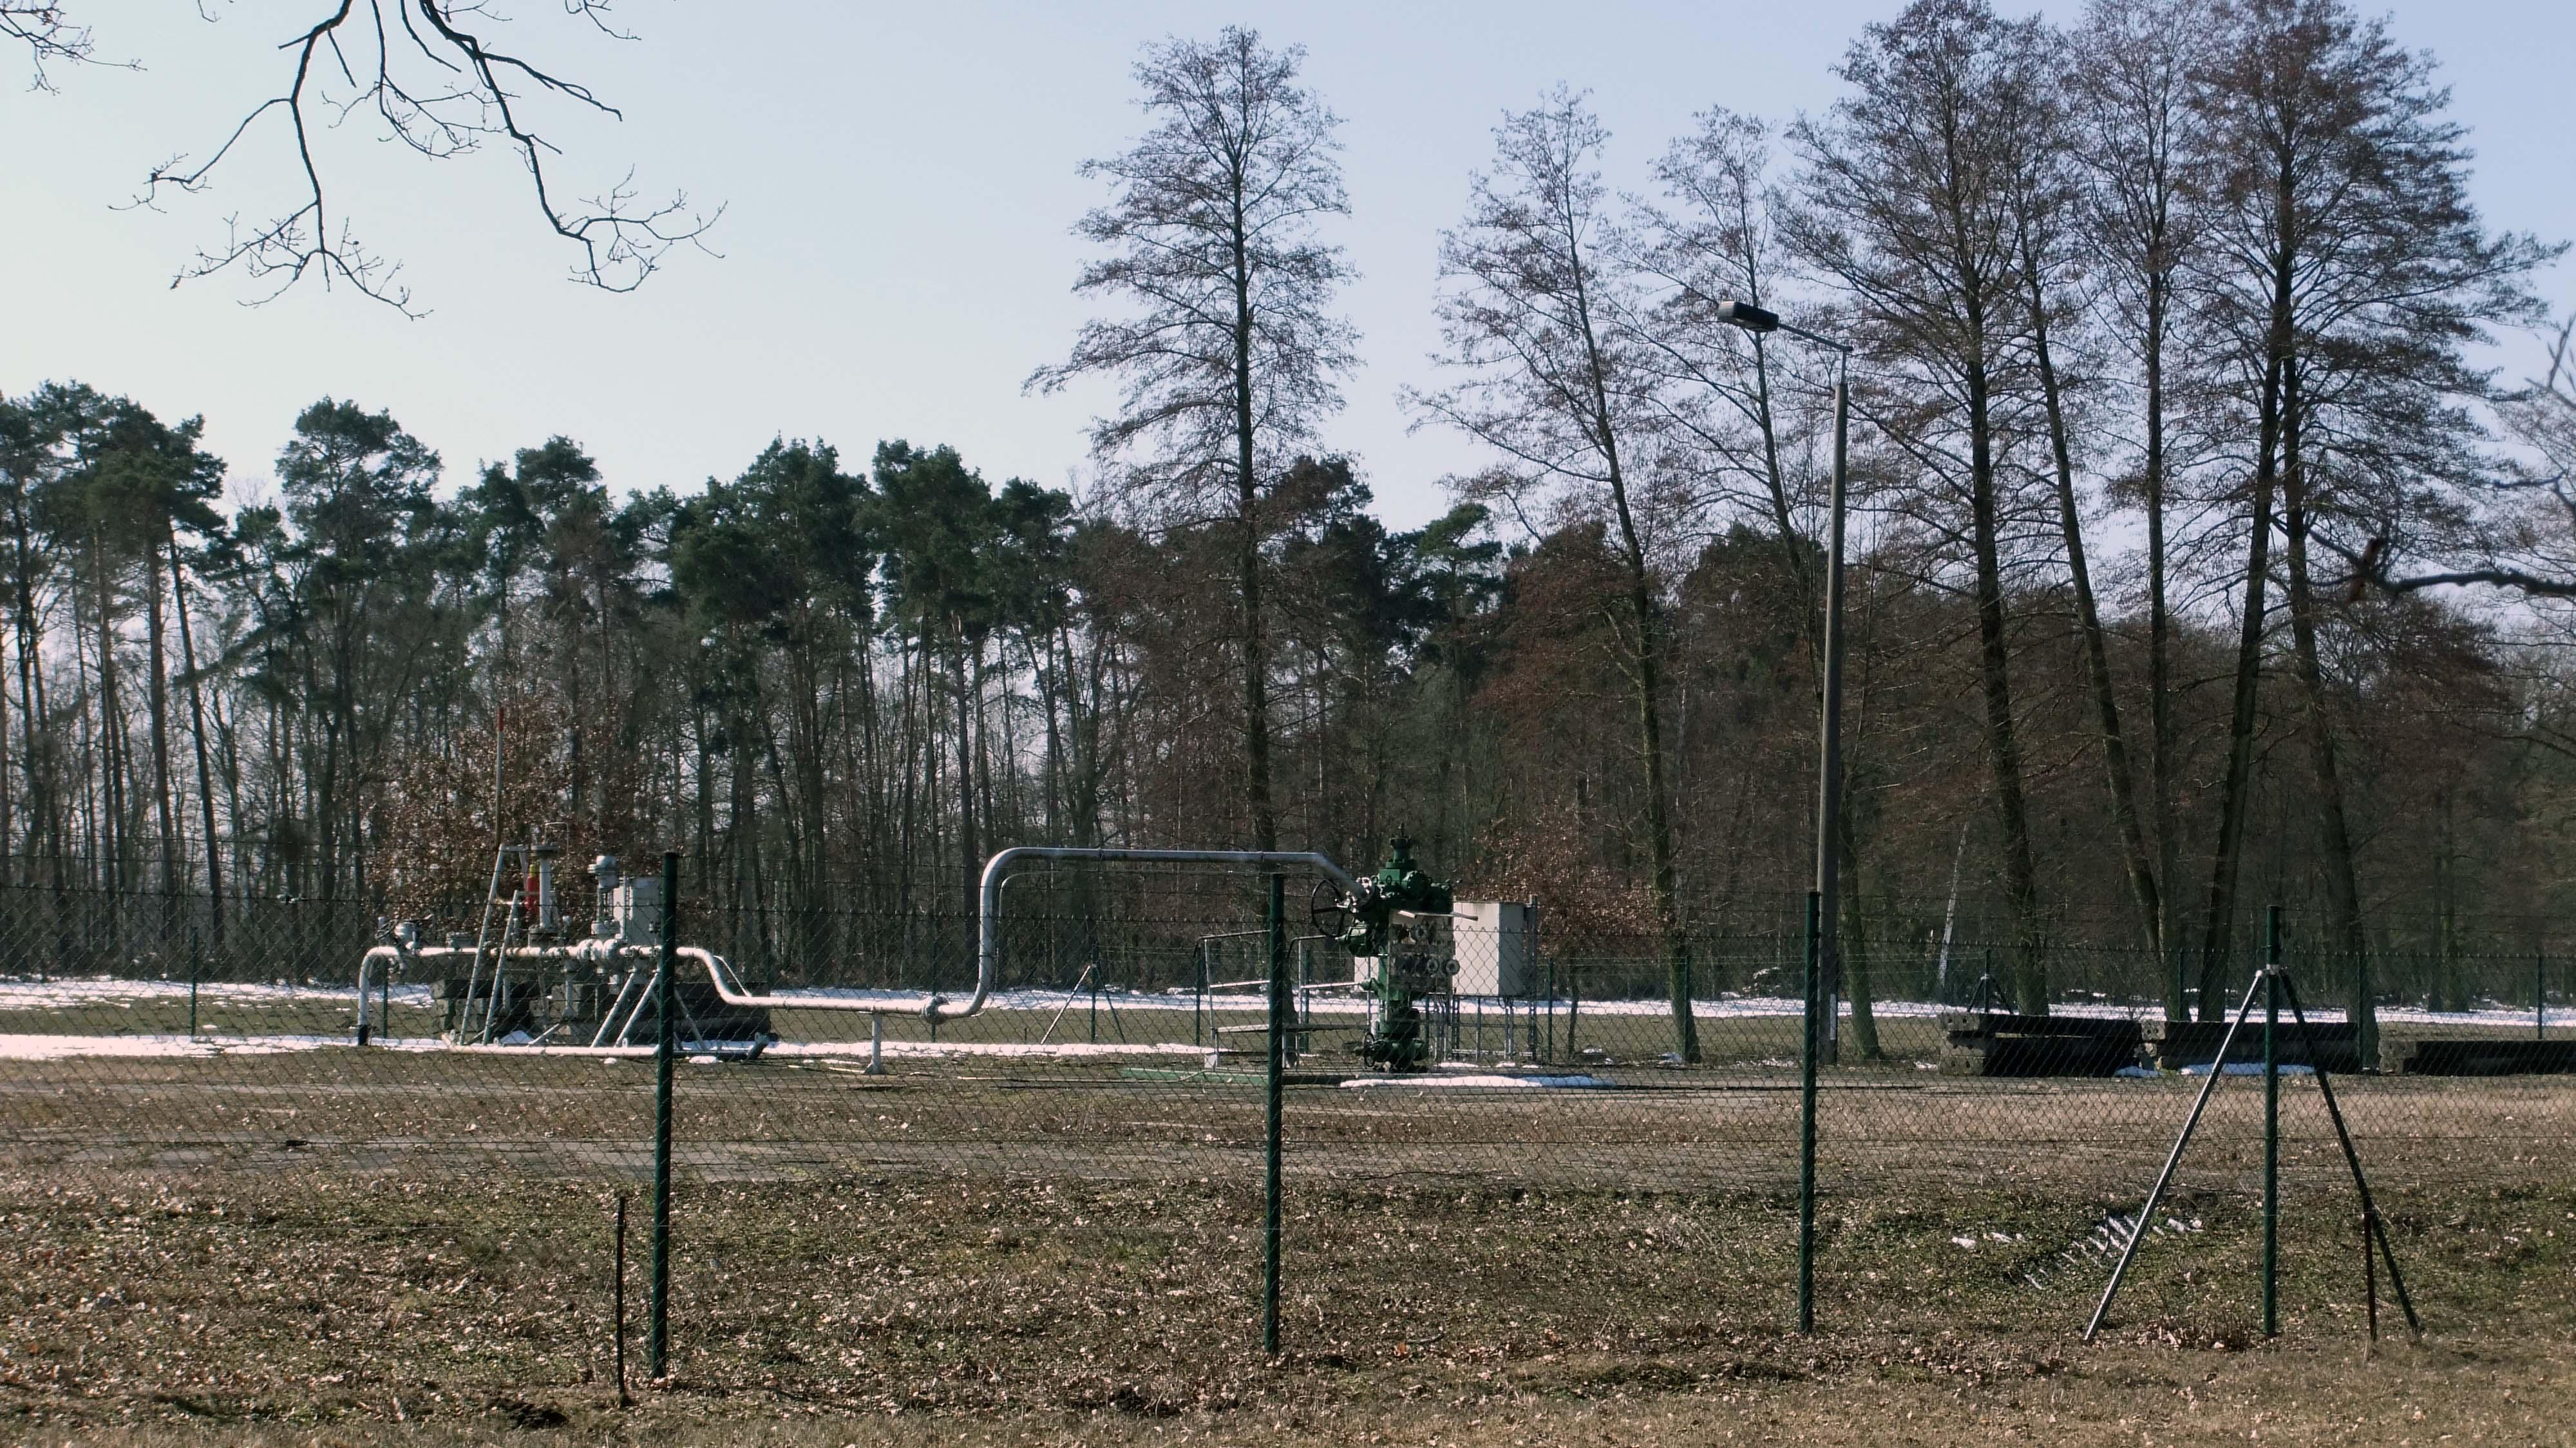 Erdgasförderbohrung Wenze 1 im April 2013 ©chef79